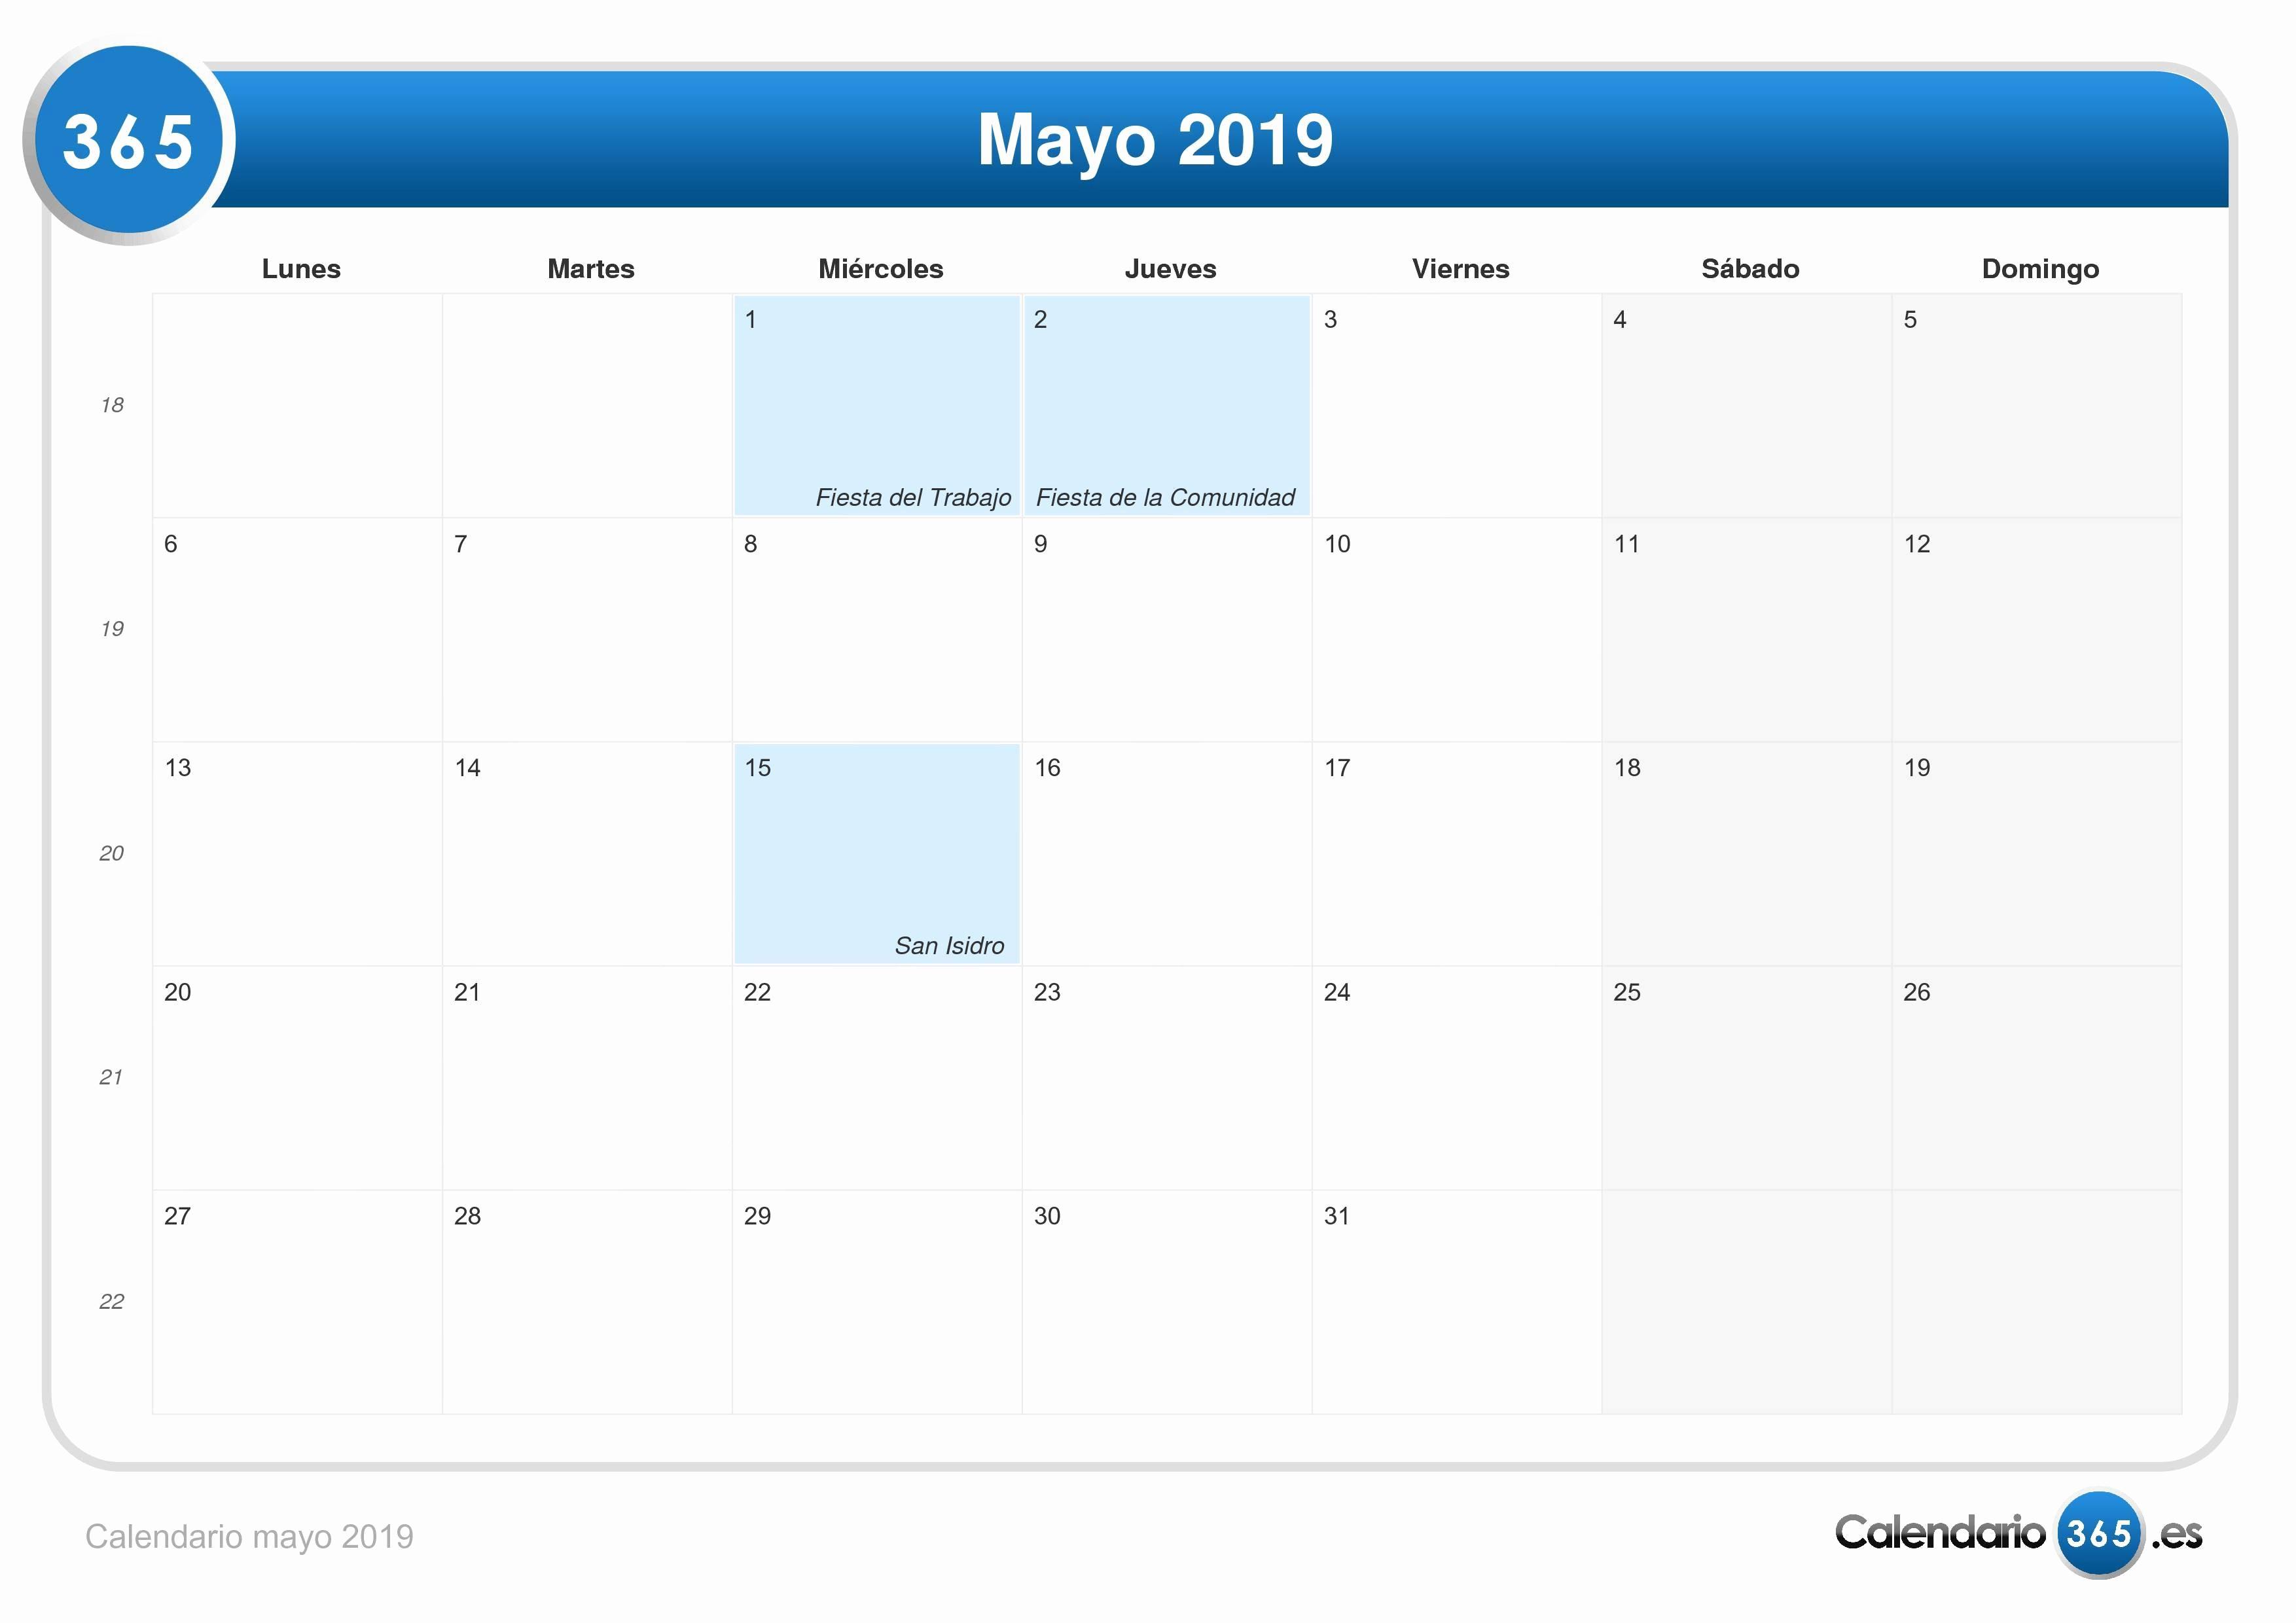 Calendario 2019 Con Festivos Chile Más Caliente De Lujo 51 Ejemplos Festivos 2019 Of Calendario 2019 Con Festivos Chile Más Recientemente Liberado Medios Calendario 2016 Para Imprimir Con Feriados Chile